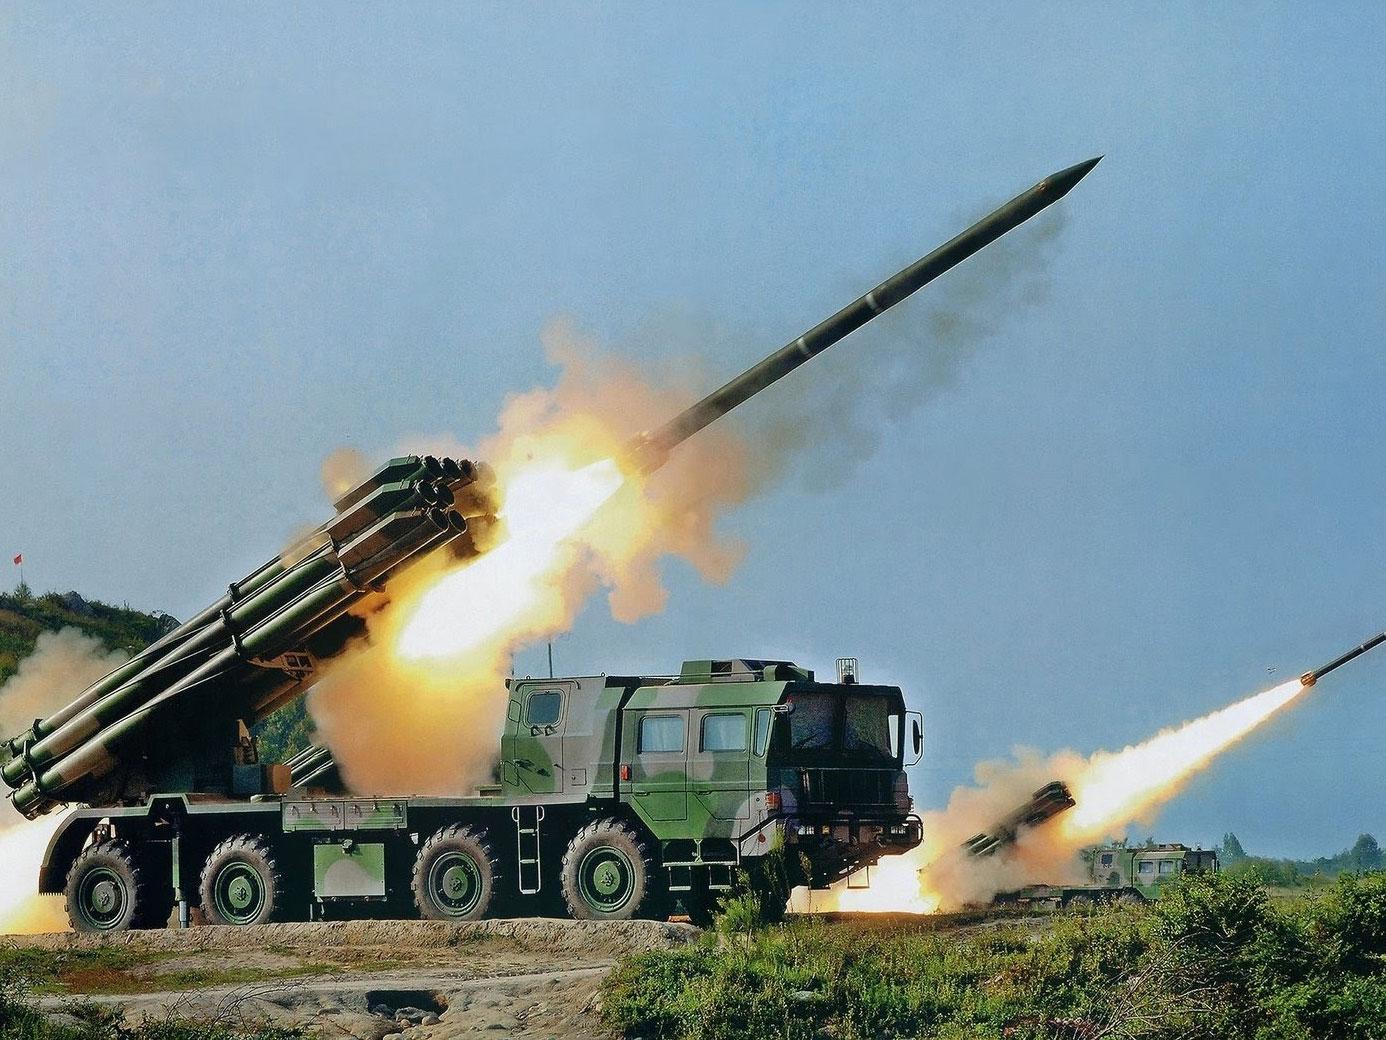 中国新型火箭炮堪比弹道导弹 射程超200公里可使用无人机精确制导